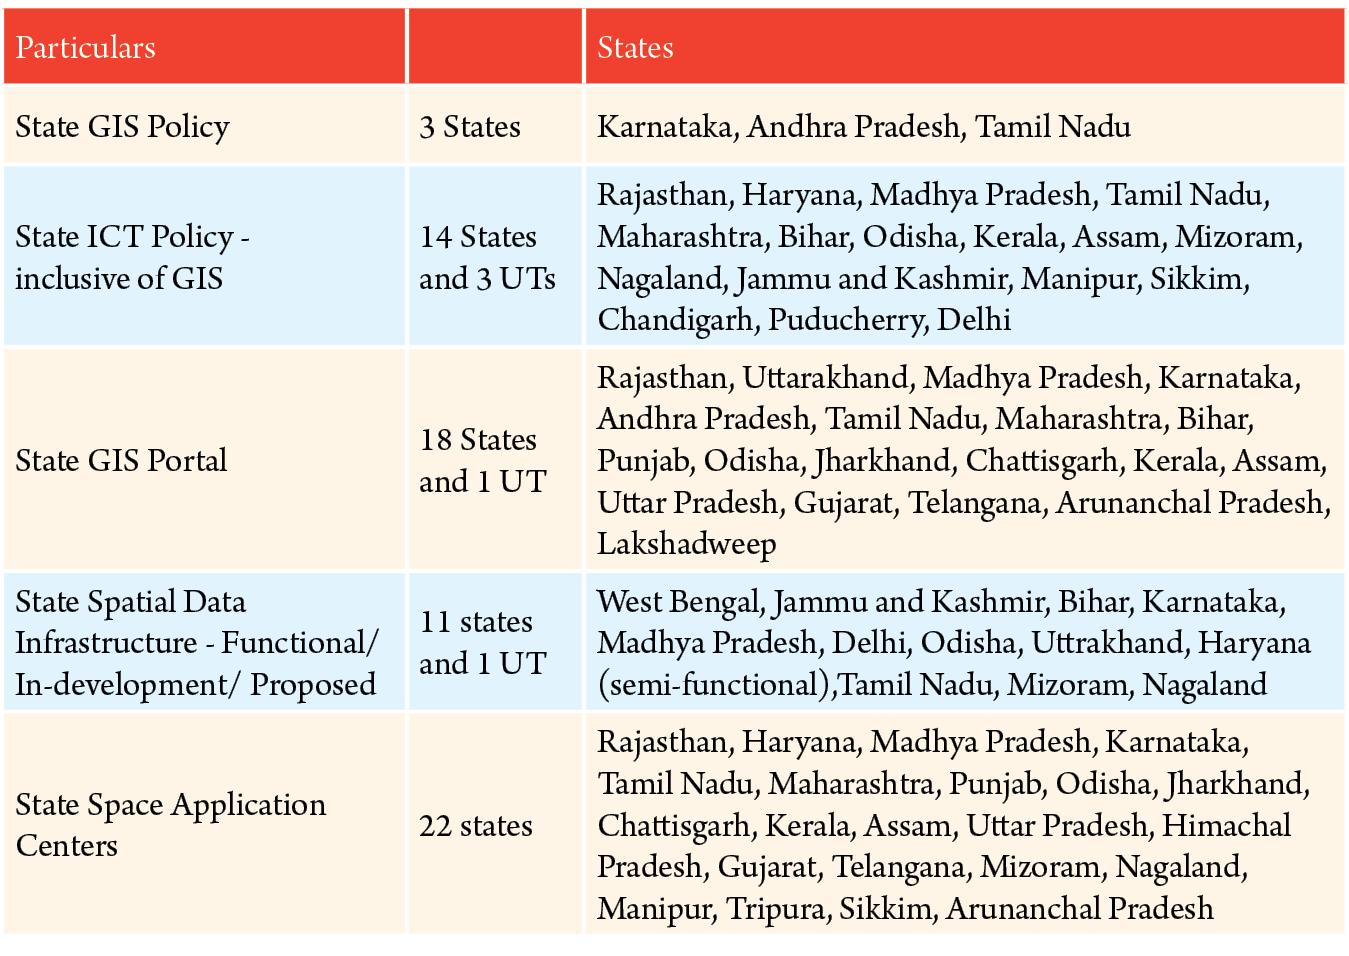 Geospatial user adoption in India